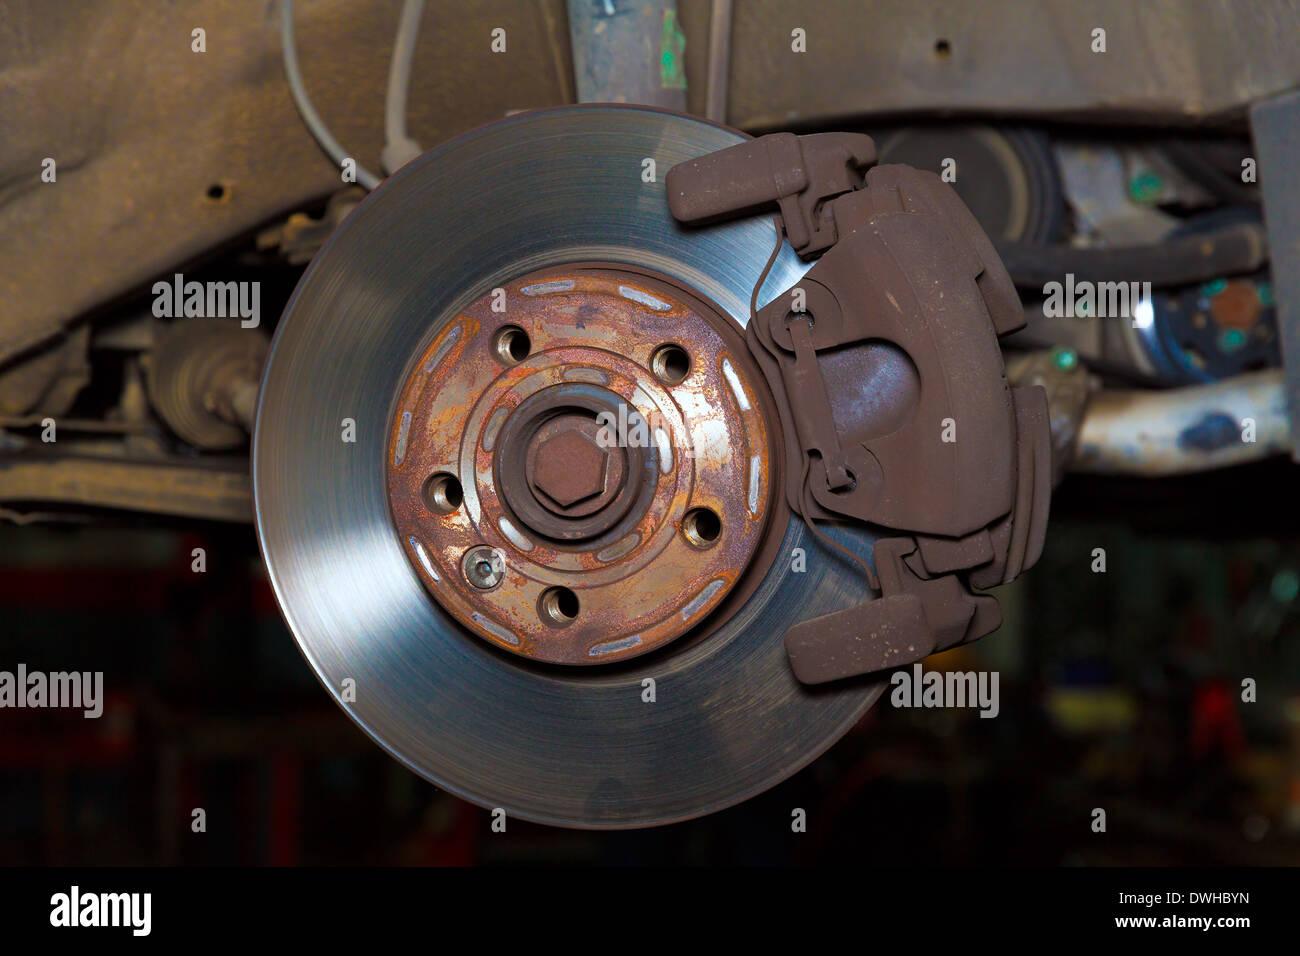 Auto-Rad rostigen Bremsscheibe mit Pads Rotoreinheit Scheibe und Bremssattel Stockbild